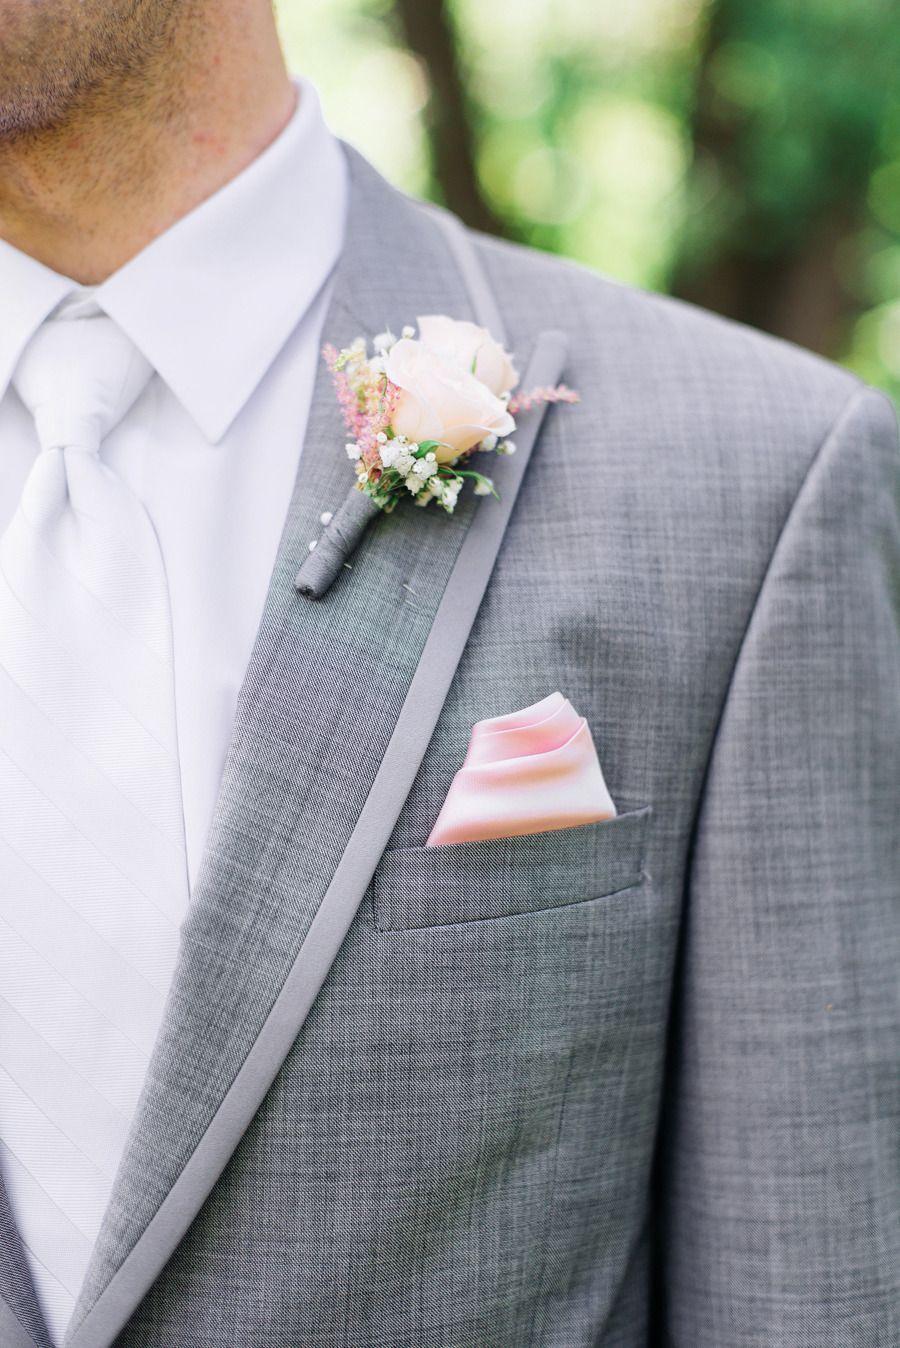 Colour scheme if bridesmaids r wearing light pink not